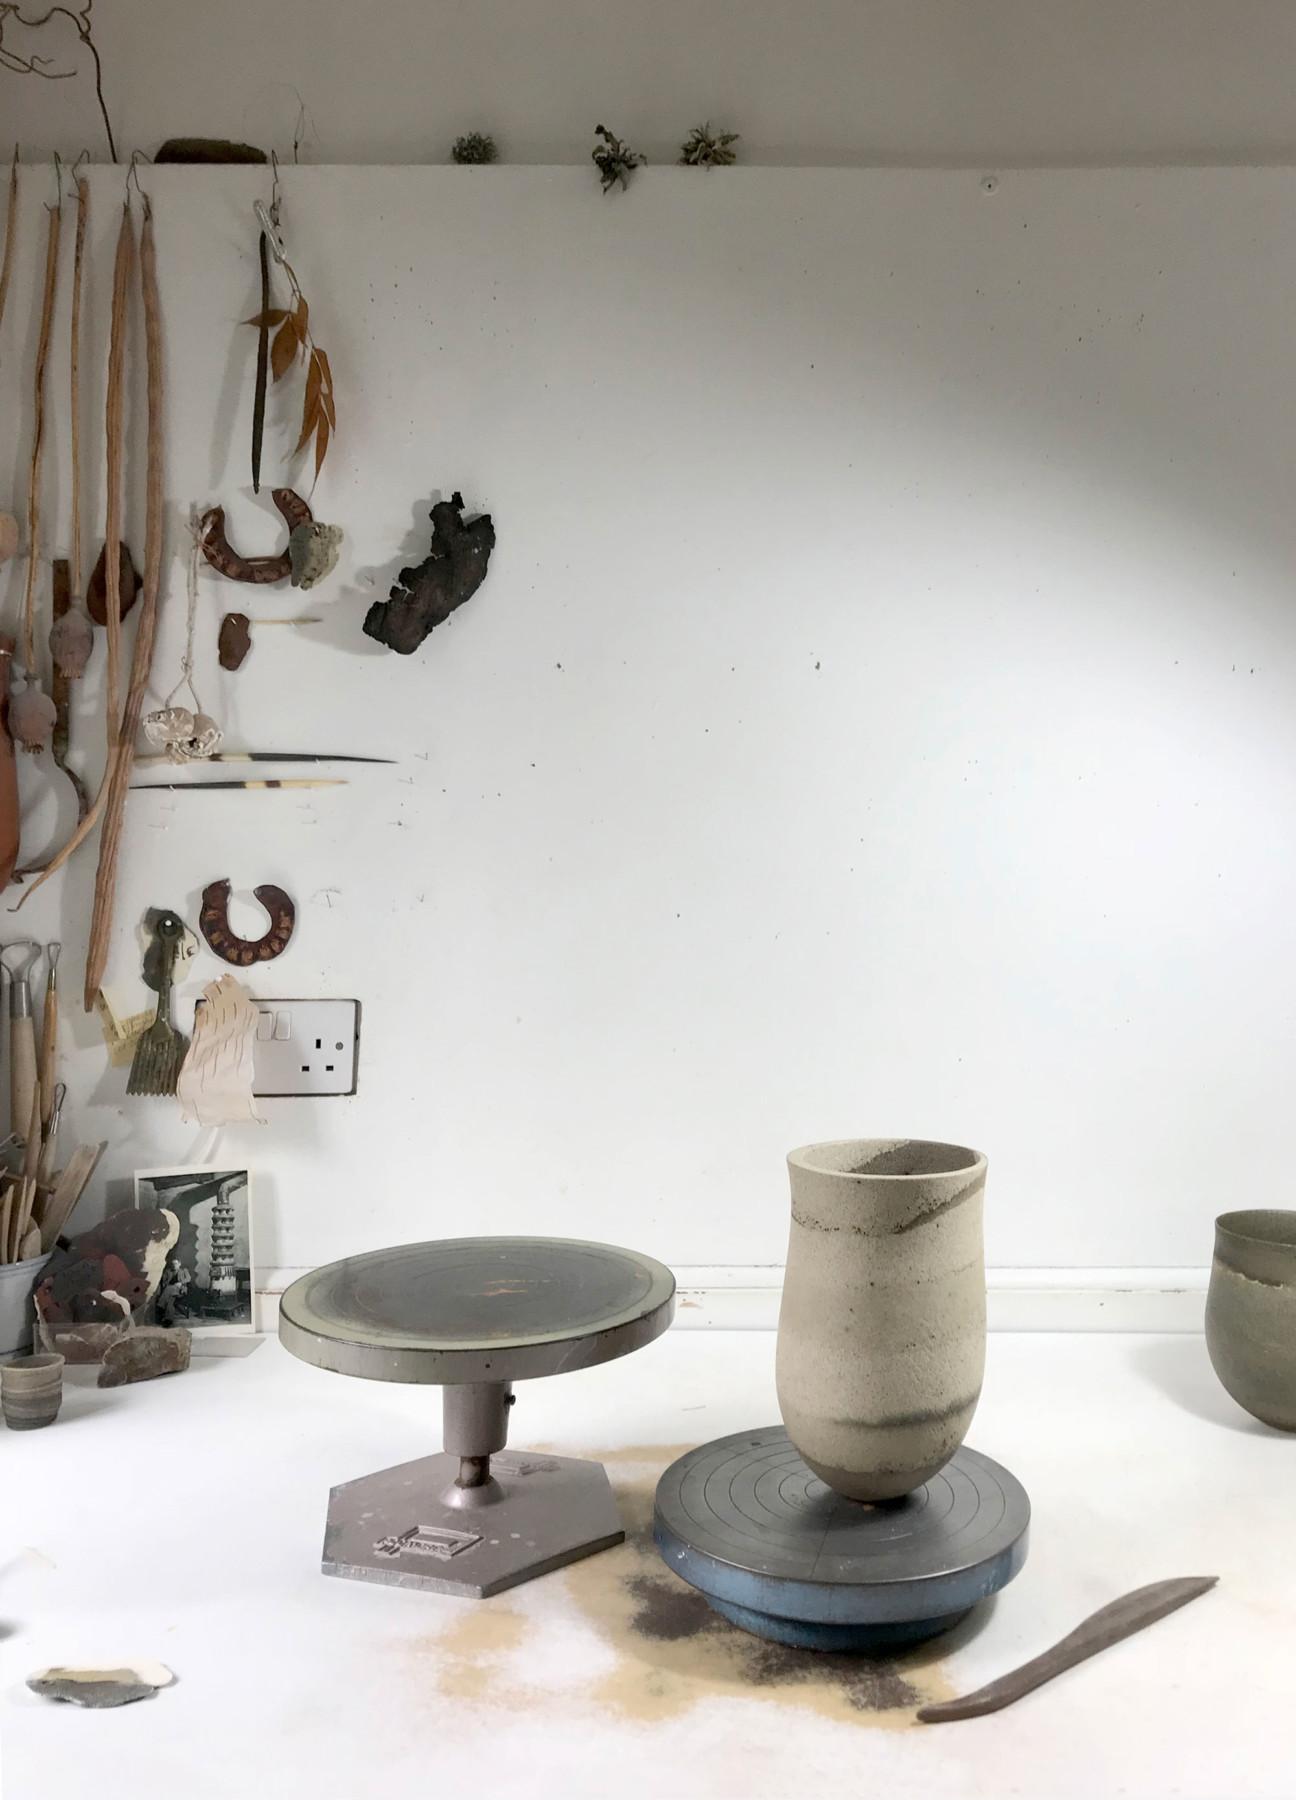 kettles-yard-exhibition-design-jamie-fobert-architects-studio-visit-work-bench-2